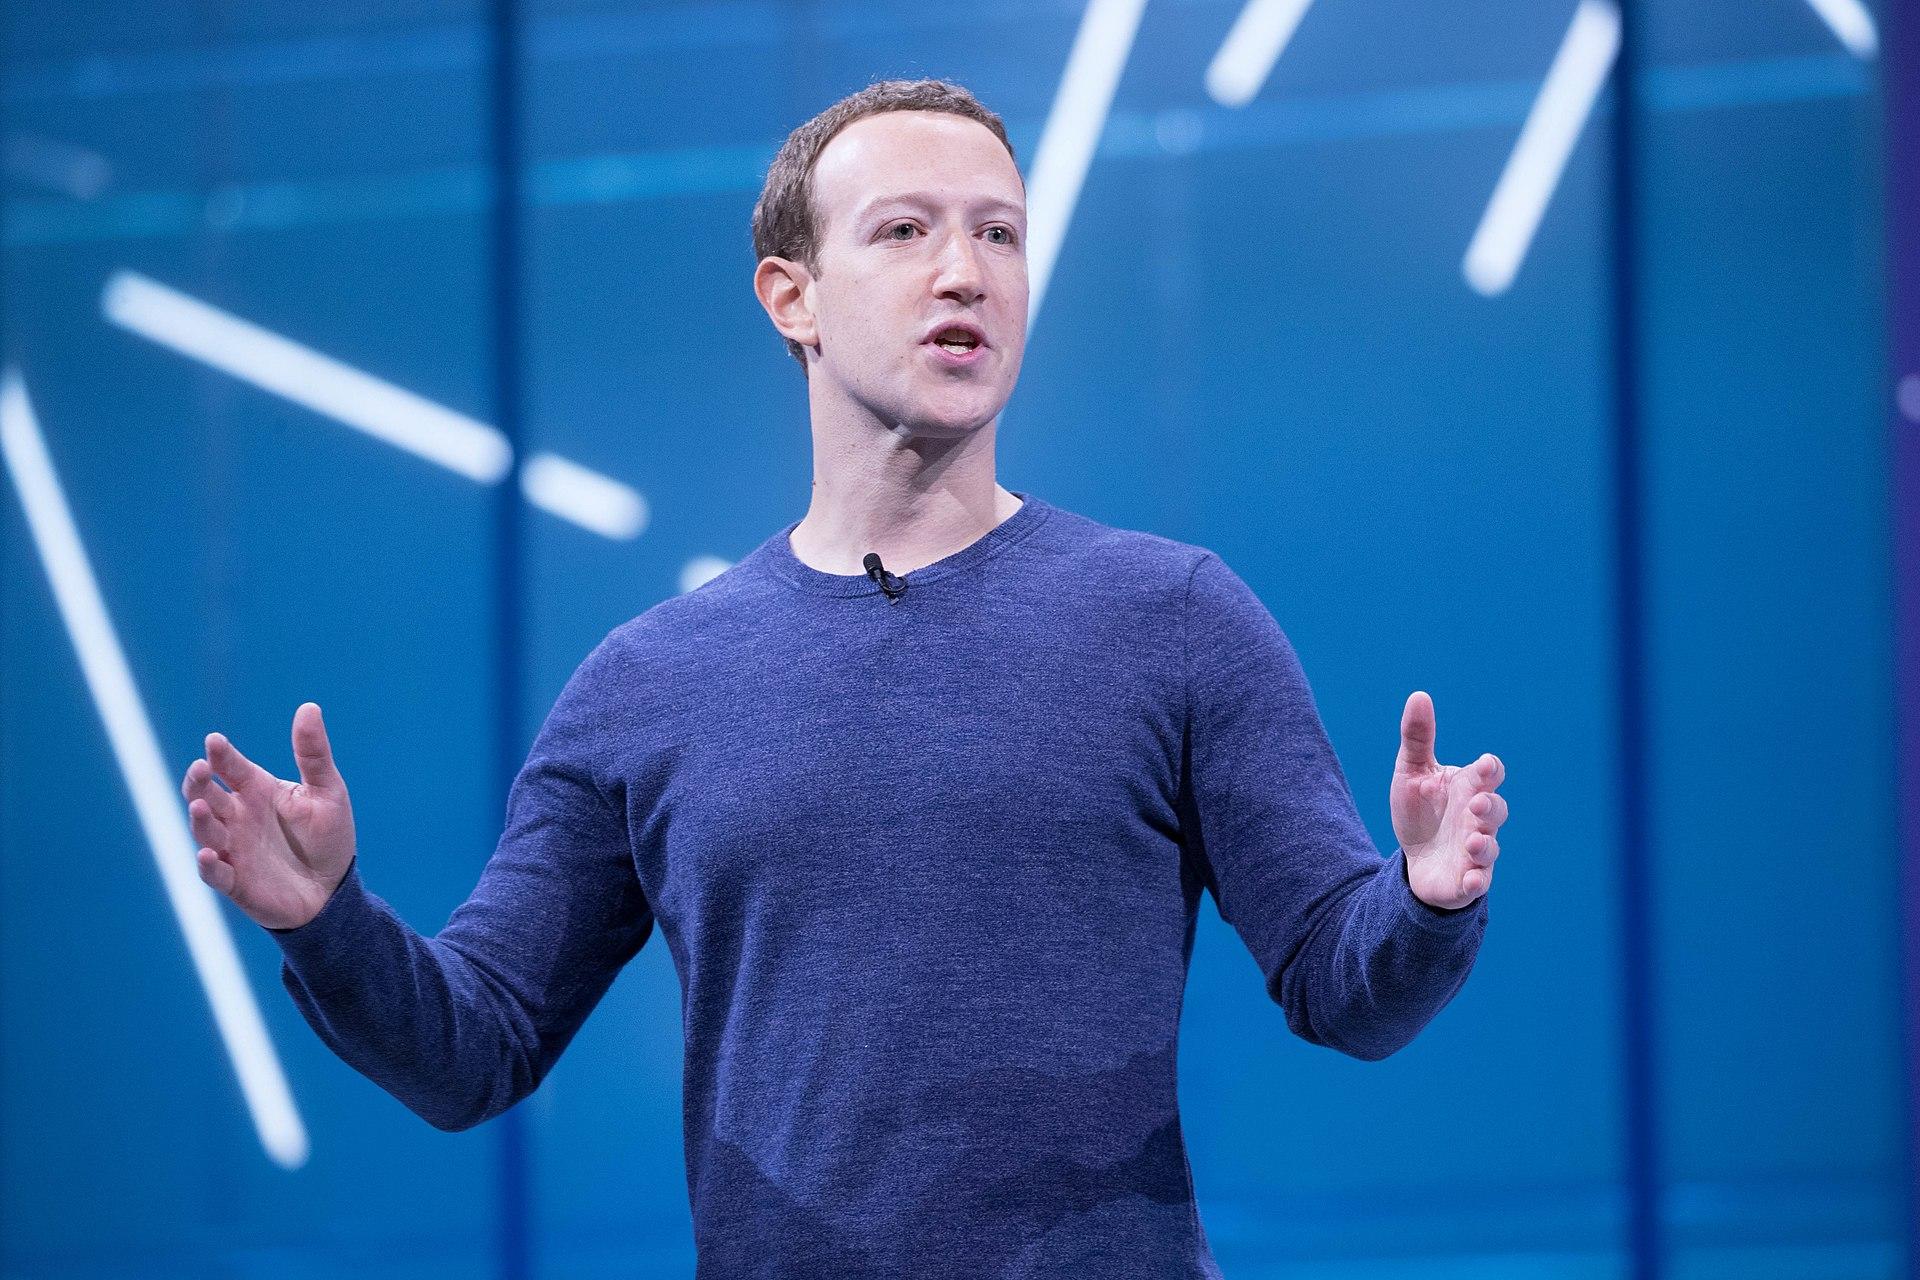 El jefe de seguridad Mark Zuckerberg es acusado de acoso sexual